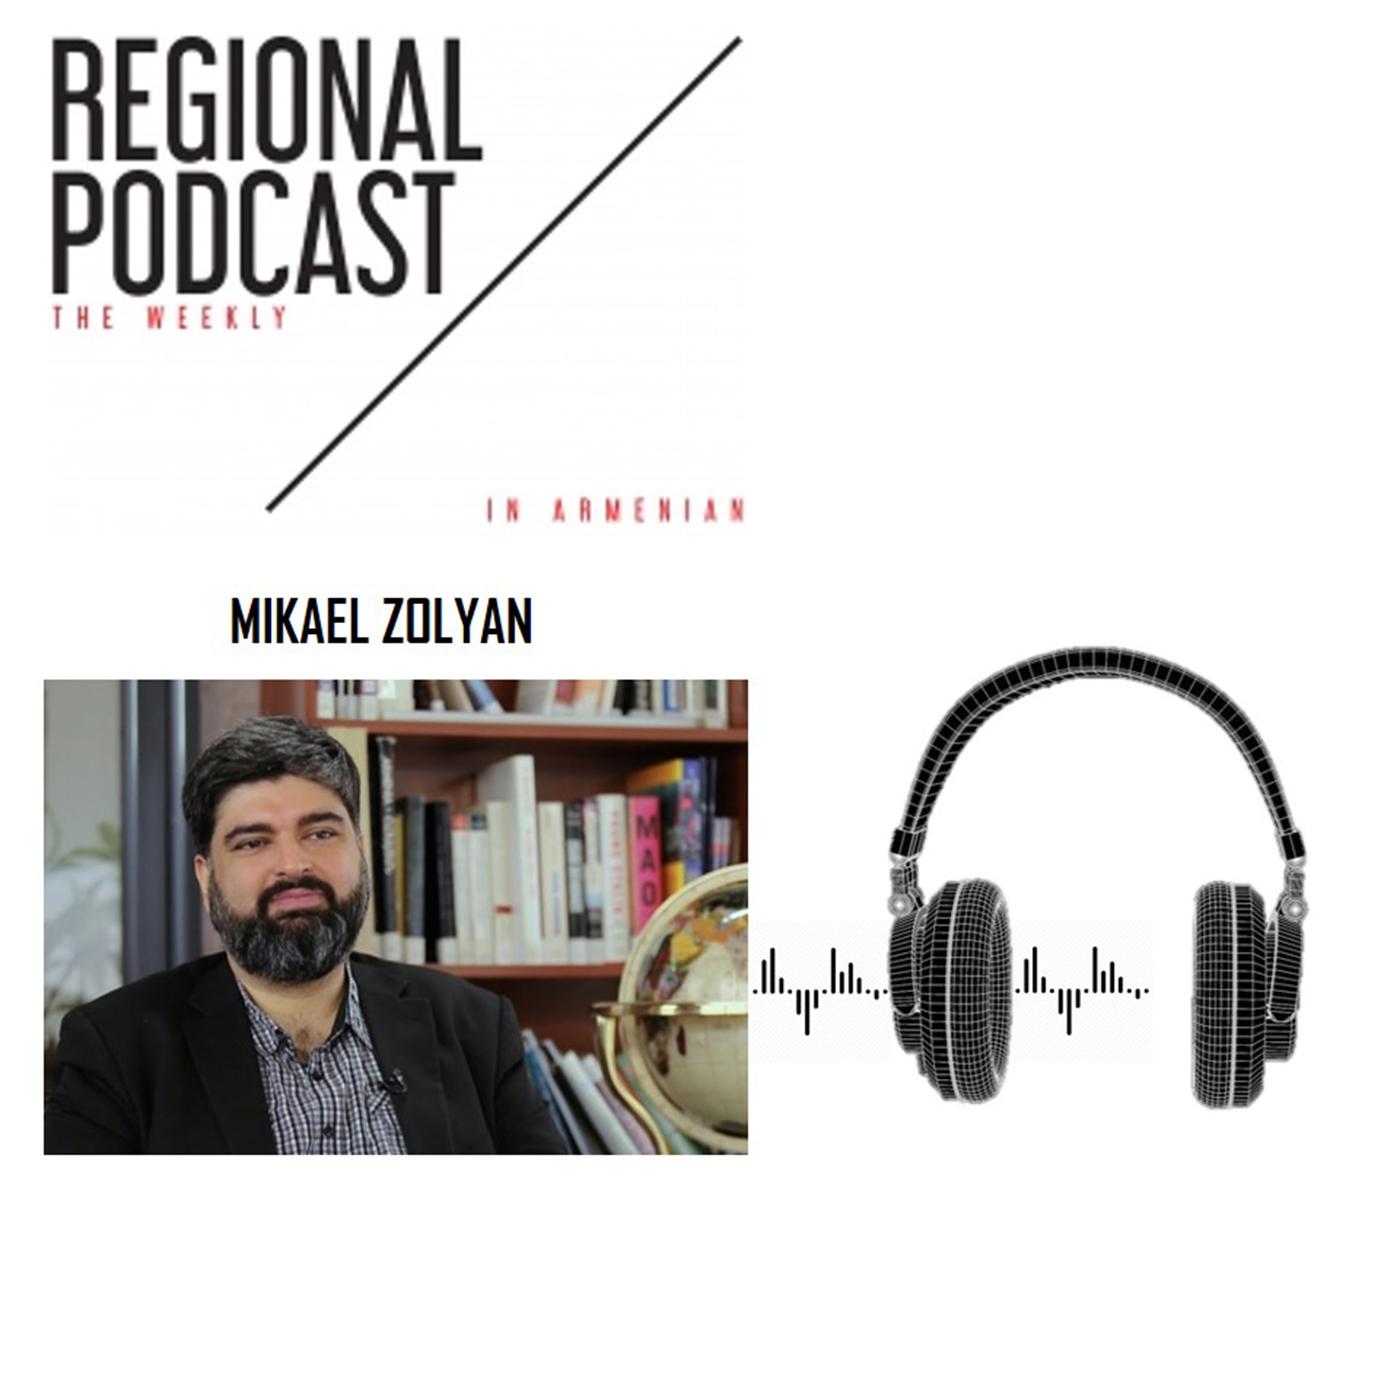 [հայերեն] Regional Podcast-The Weekly / Mikael Zolyan